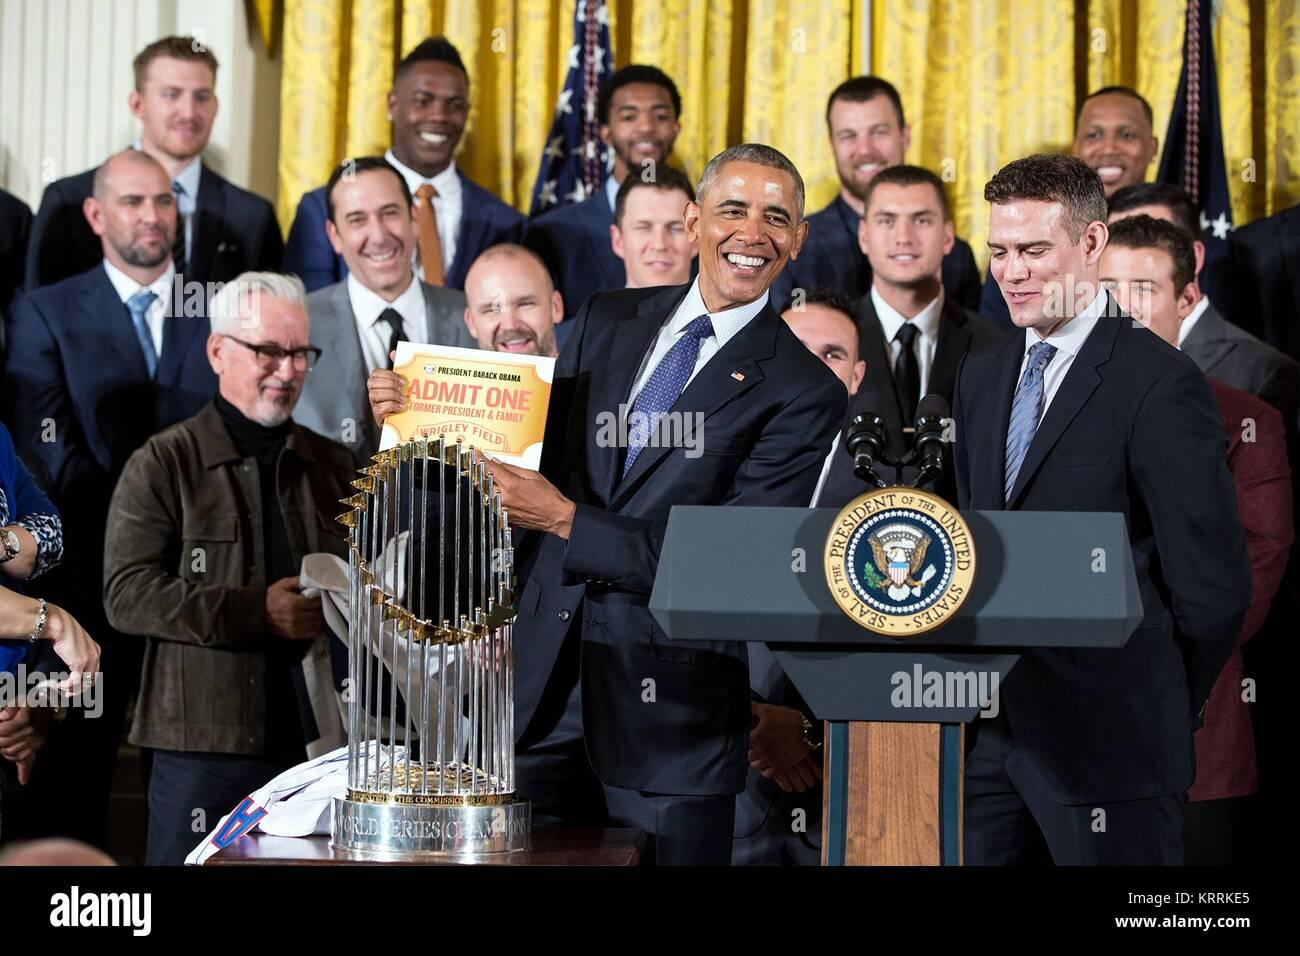 El equipo de béisbol Chicago Cubs presenta el presidente estadounidense Barack Obama con una vida pasada a Imagen De Stock